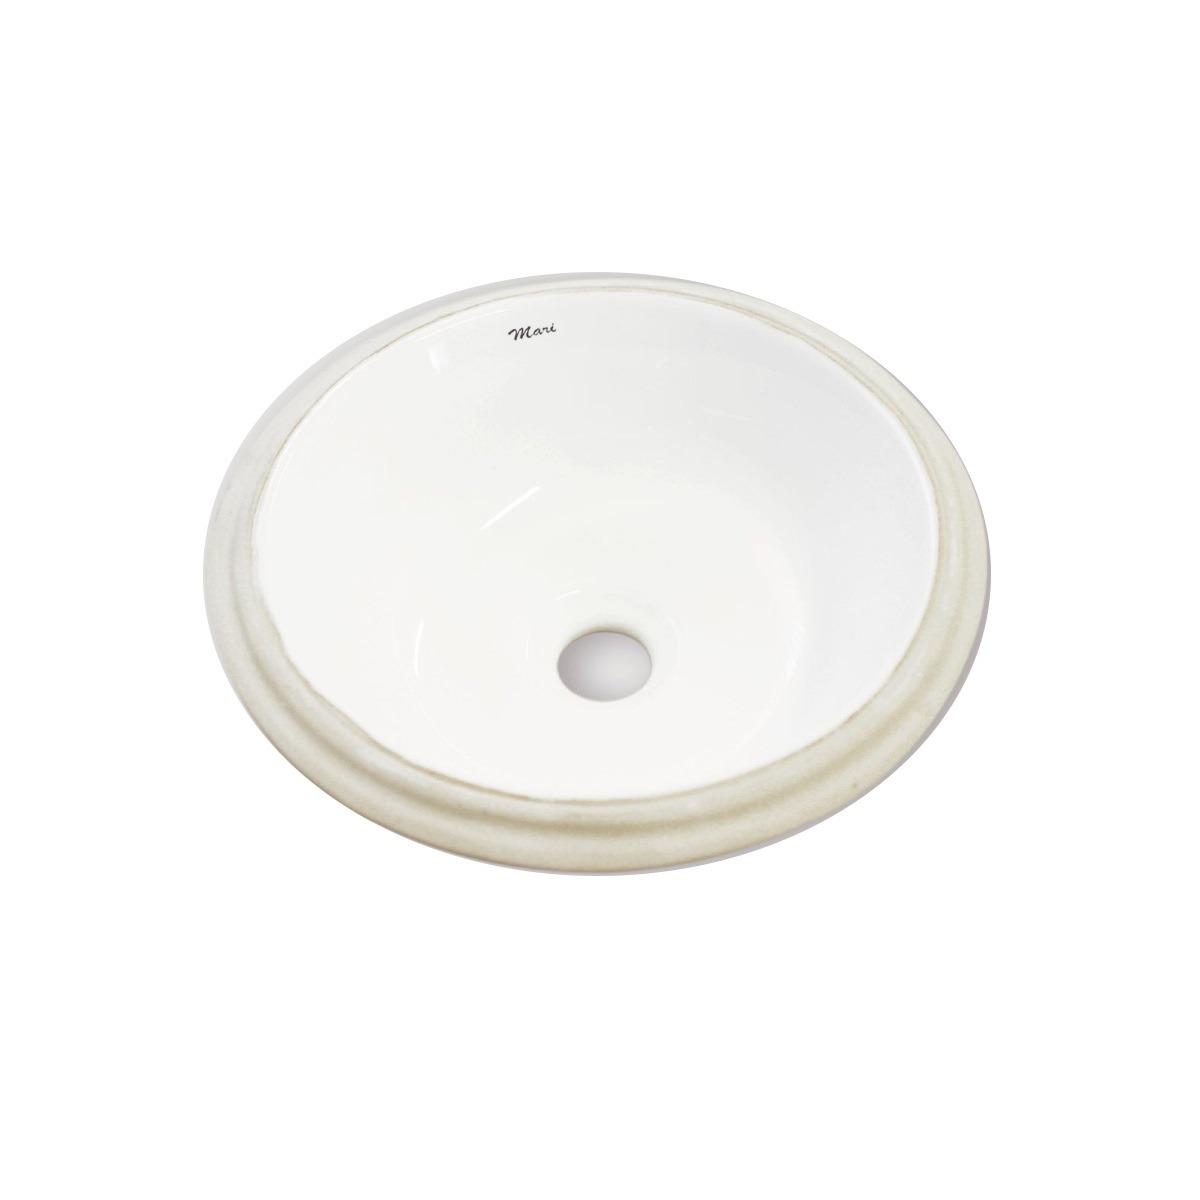 Cuba de Louca de Embutir Oval 30x30 cm Gardenia Branca - Mari